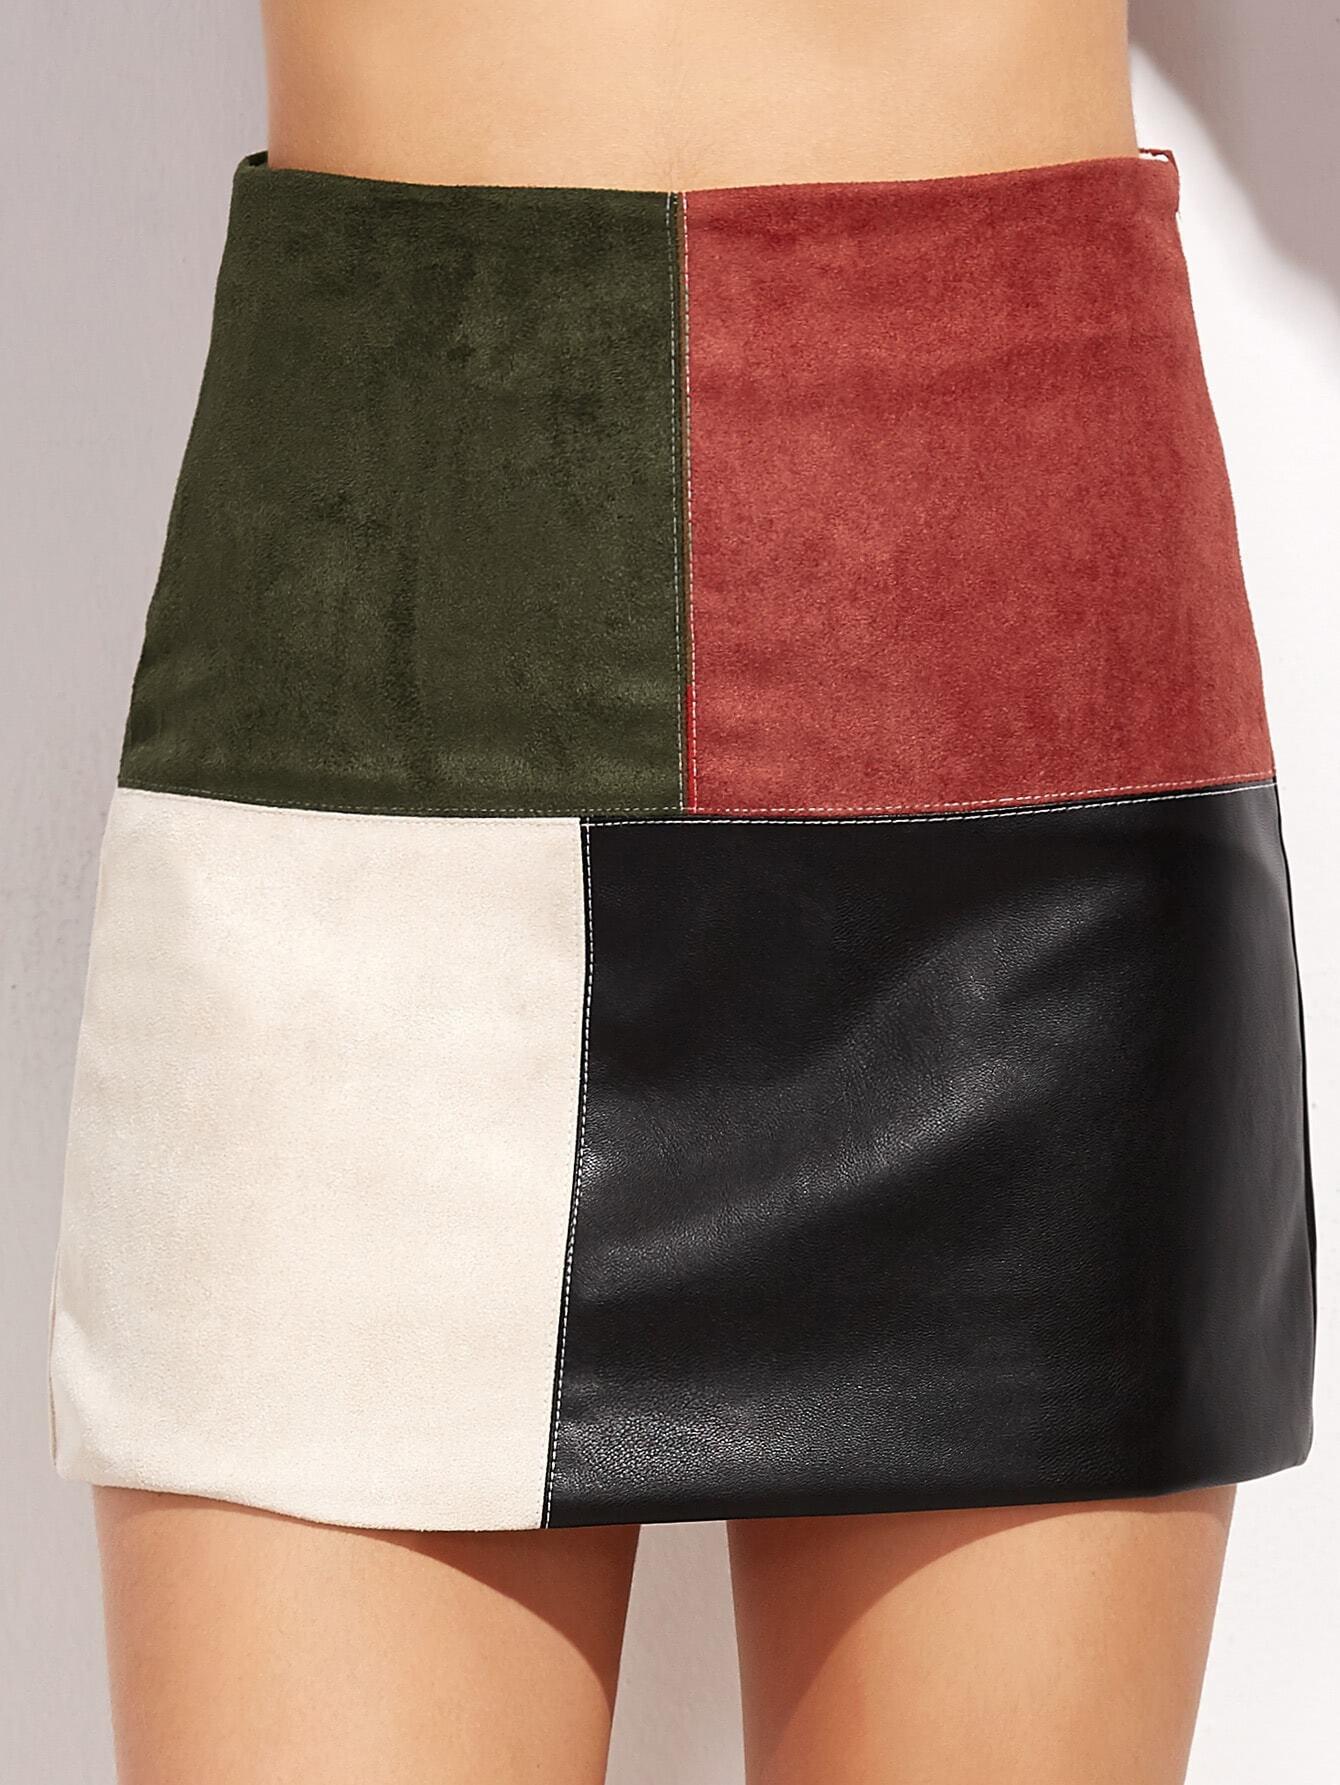 skirt161007001_2